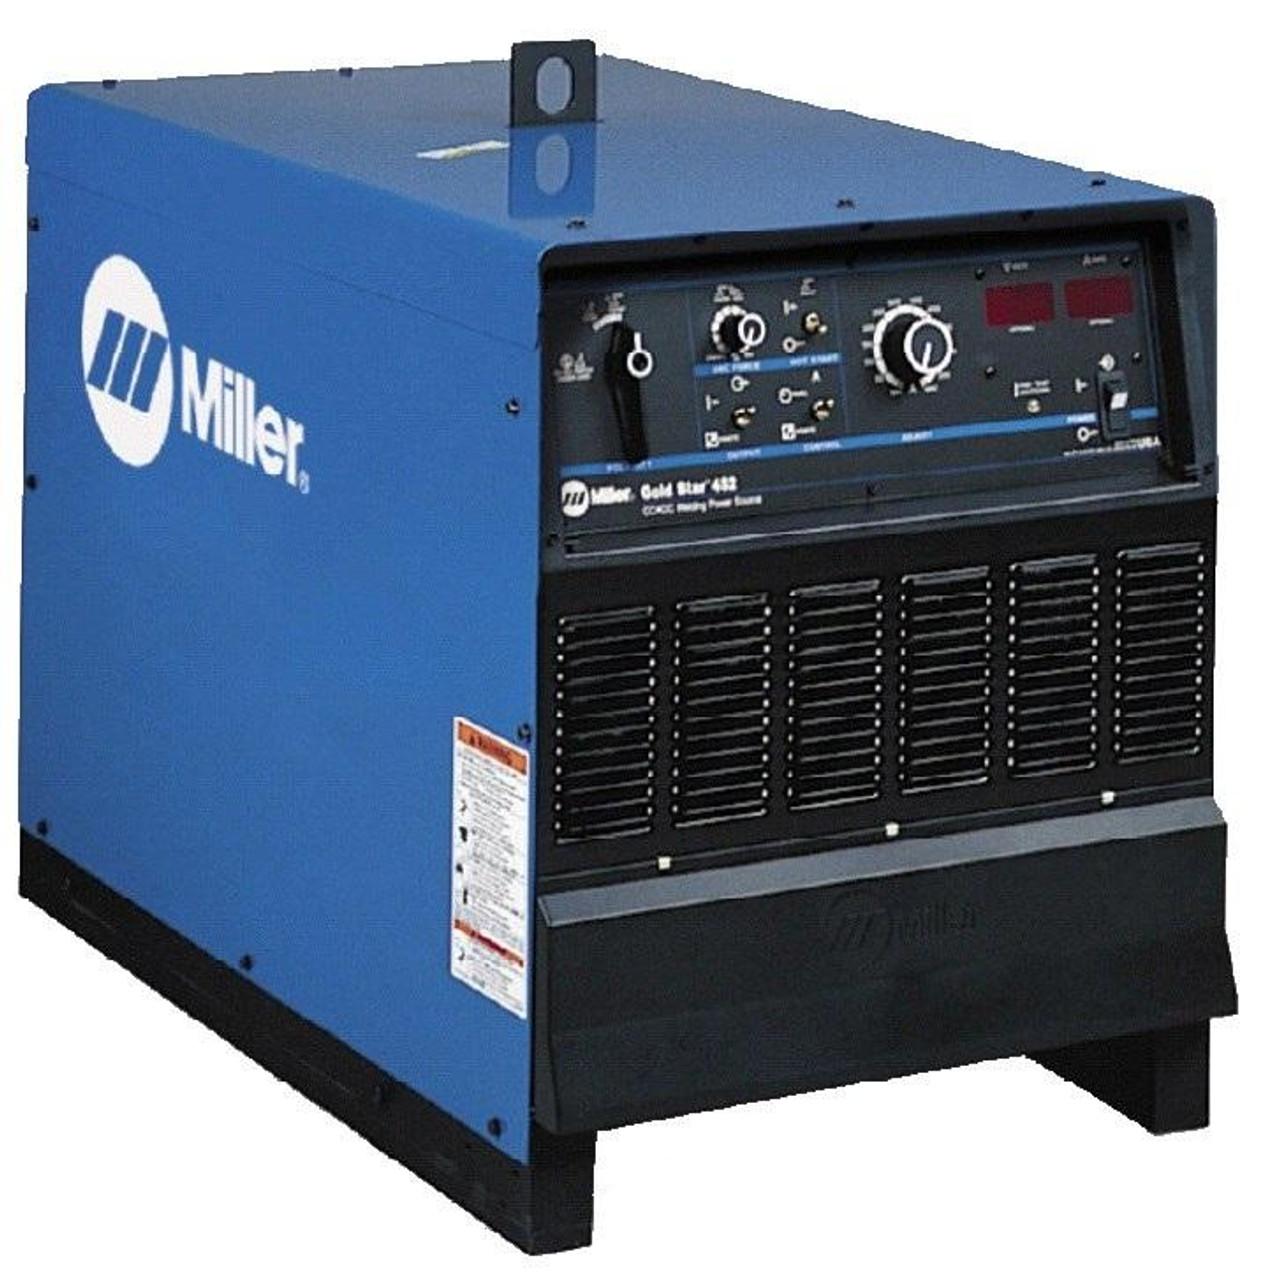 Miller Welding >> Buy Miller Welding Machine Gold Star 402 Electric Welder Gz